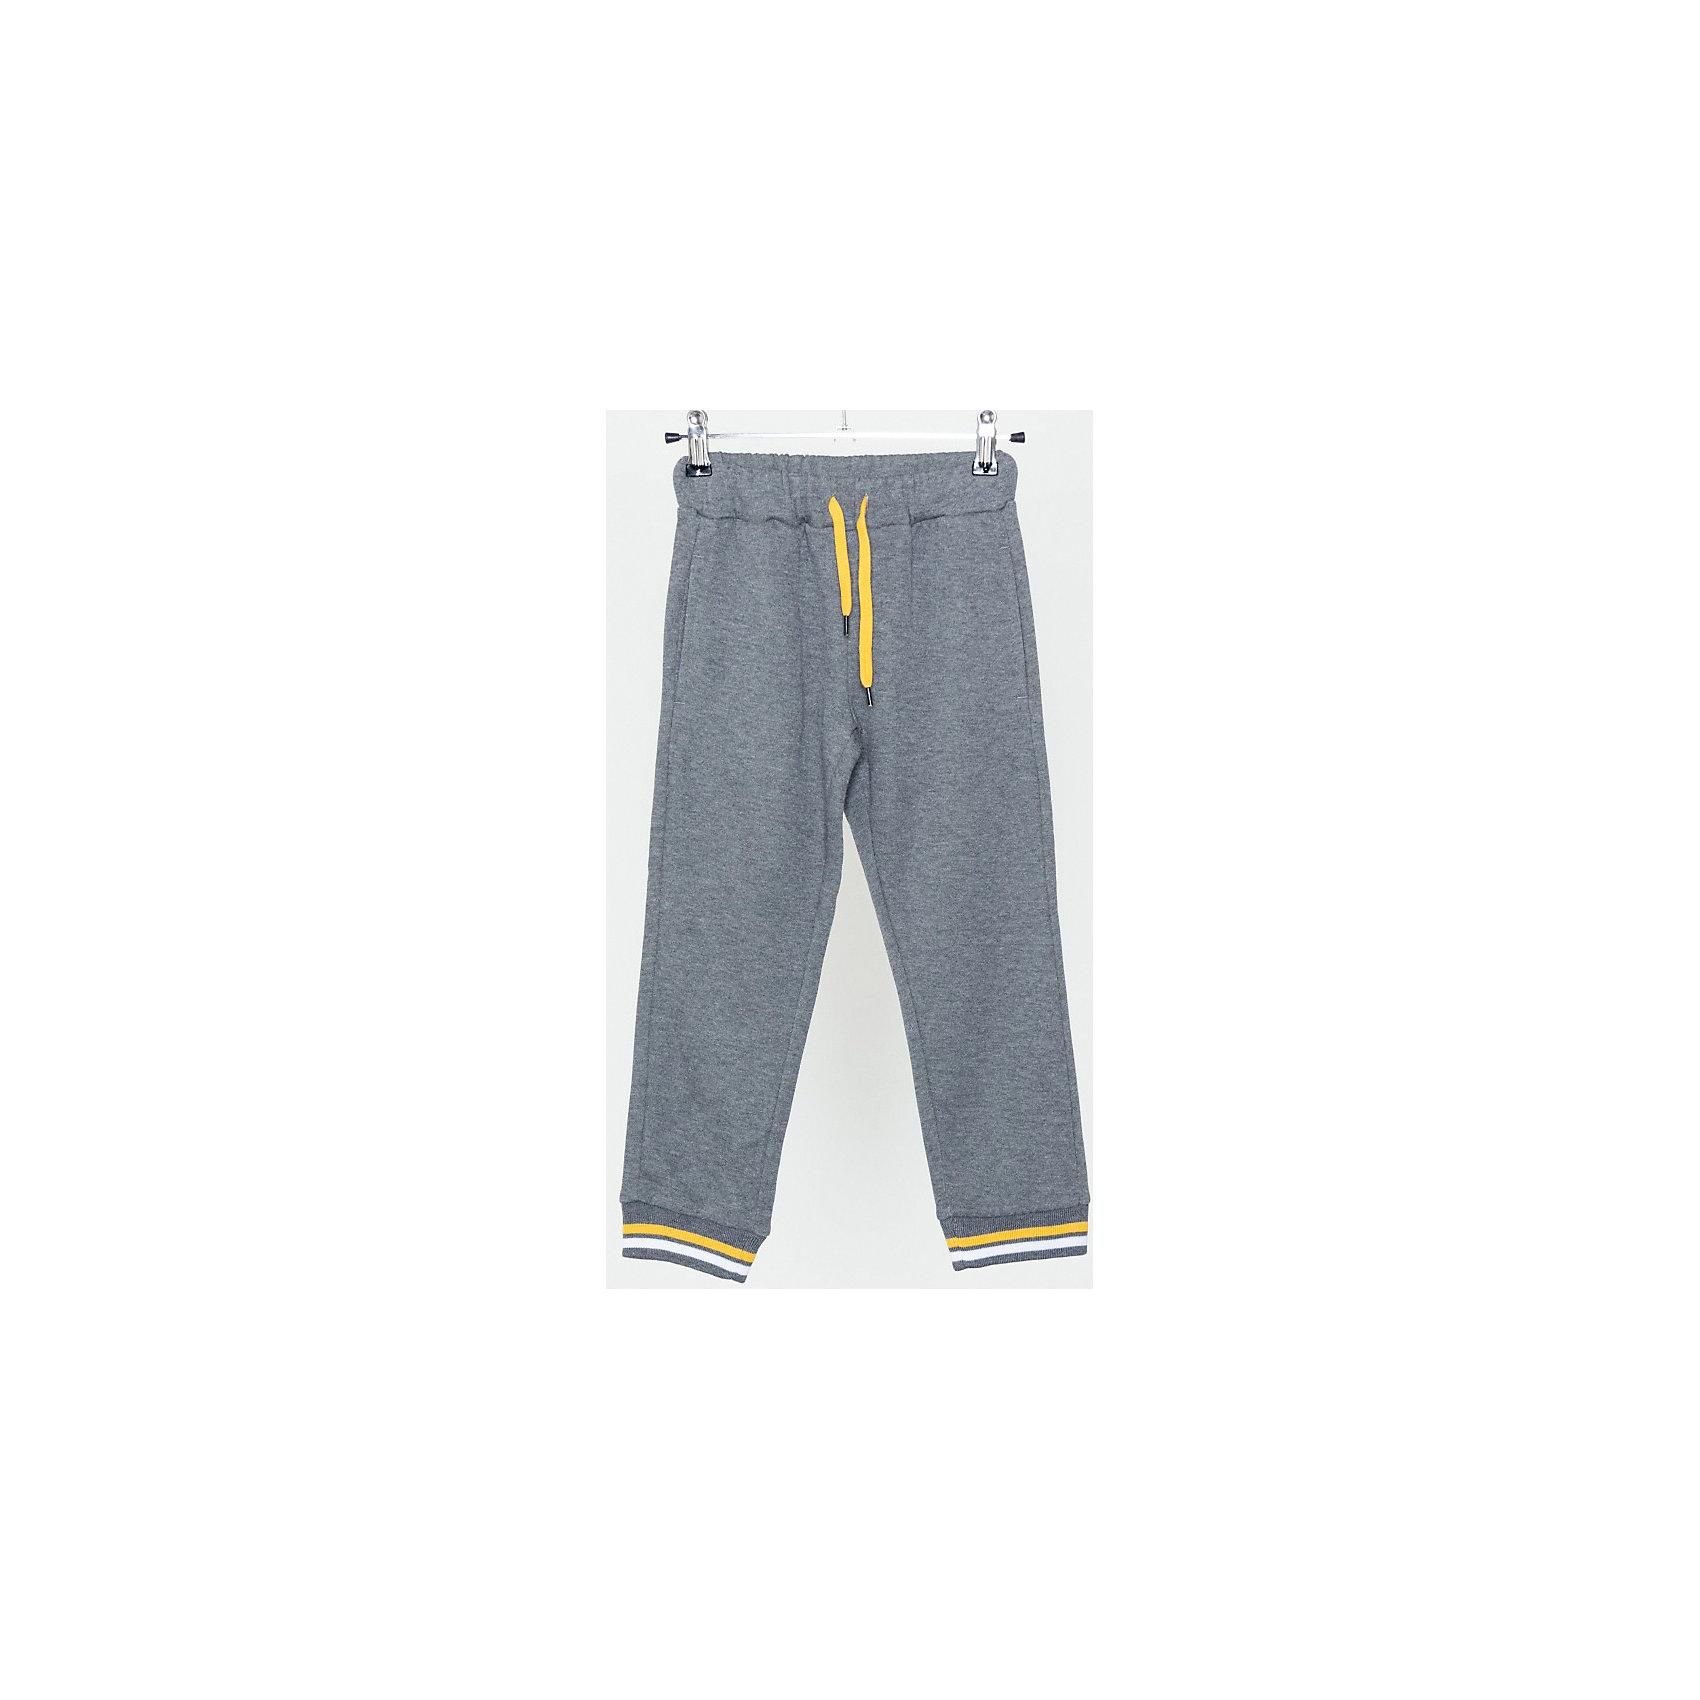 Брюки для мальчика SELAСпортивные брюки - незаменимая вещь в детском гардеробе. Эта модель отлично сидит на ребенке, она сшита из приятного на ощупь материала, который обеспечивает ребенку комфорт. Модель станет отличной базовой вещью, которая будет уместна в различных сочетаниях.<br>Одежда от бренда Sela (Села) - это качество по приемлемым ценам. Многие российские родители уже оценили преимущества продукции этой компании и всё чаще приобретают одежду и аксессуары Sela.<br><br>Дополнительная информация:<br><br>материал: 80% хлопок, 20% ПЭ;<br>удобная посадка;<br>резинка и шнурок в поясе.<br><br>Брюки для мальчика от бренда Sela можно купить в нашем интернет-магазине.<br><br>Ширина мм: 215<br>Глубина мм: 88<br>Высота мм: 191<br>Вес г: 336<br>Цвет: серый<br>Возраст от месяцев: 60<br>Возраст до месяцев: 72<br>Пол: Мужской<br>Возраст: Детский<br>Размер: 116,92,98,104,110<br>SKU: 4919480